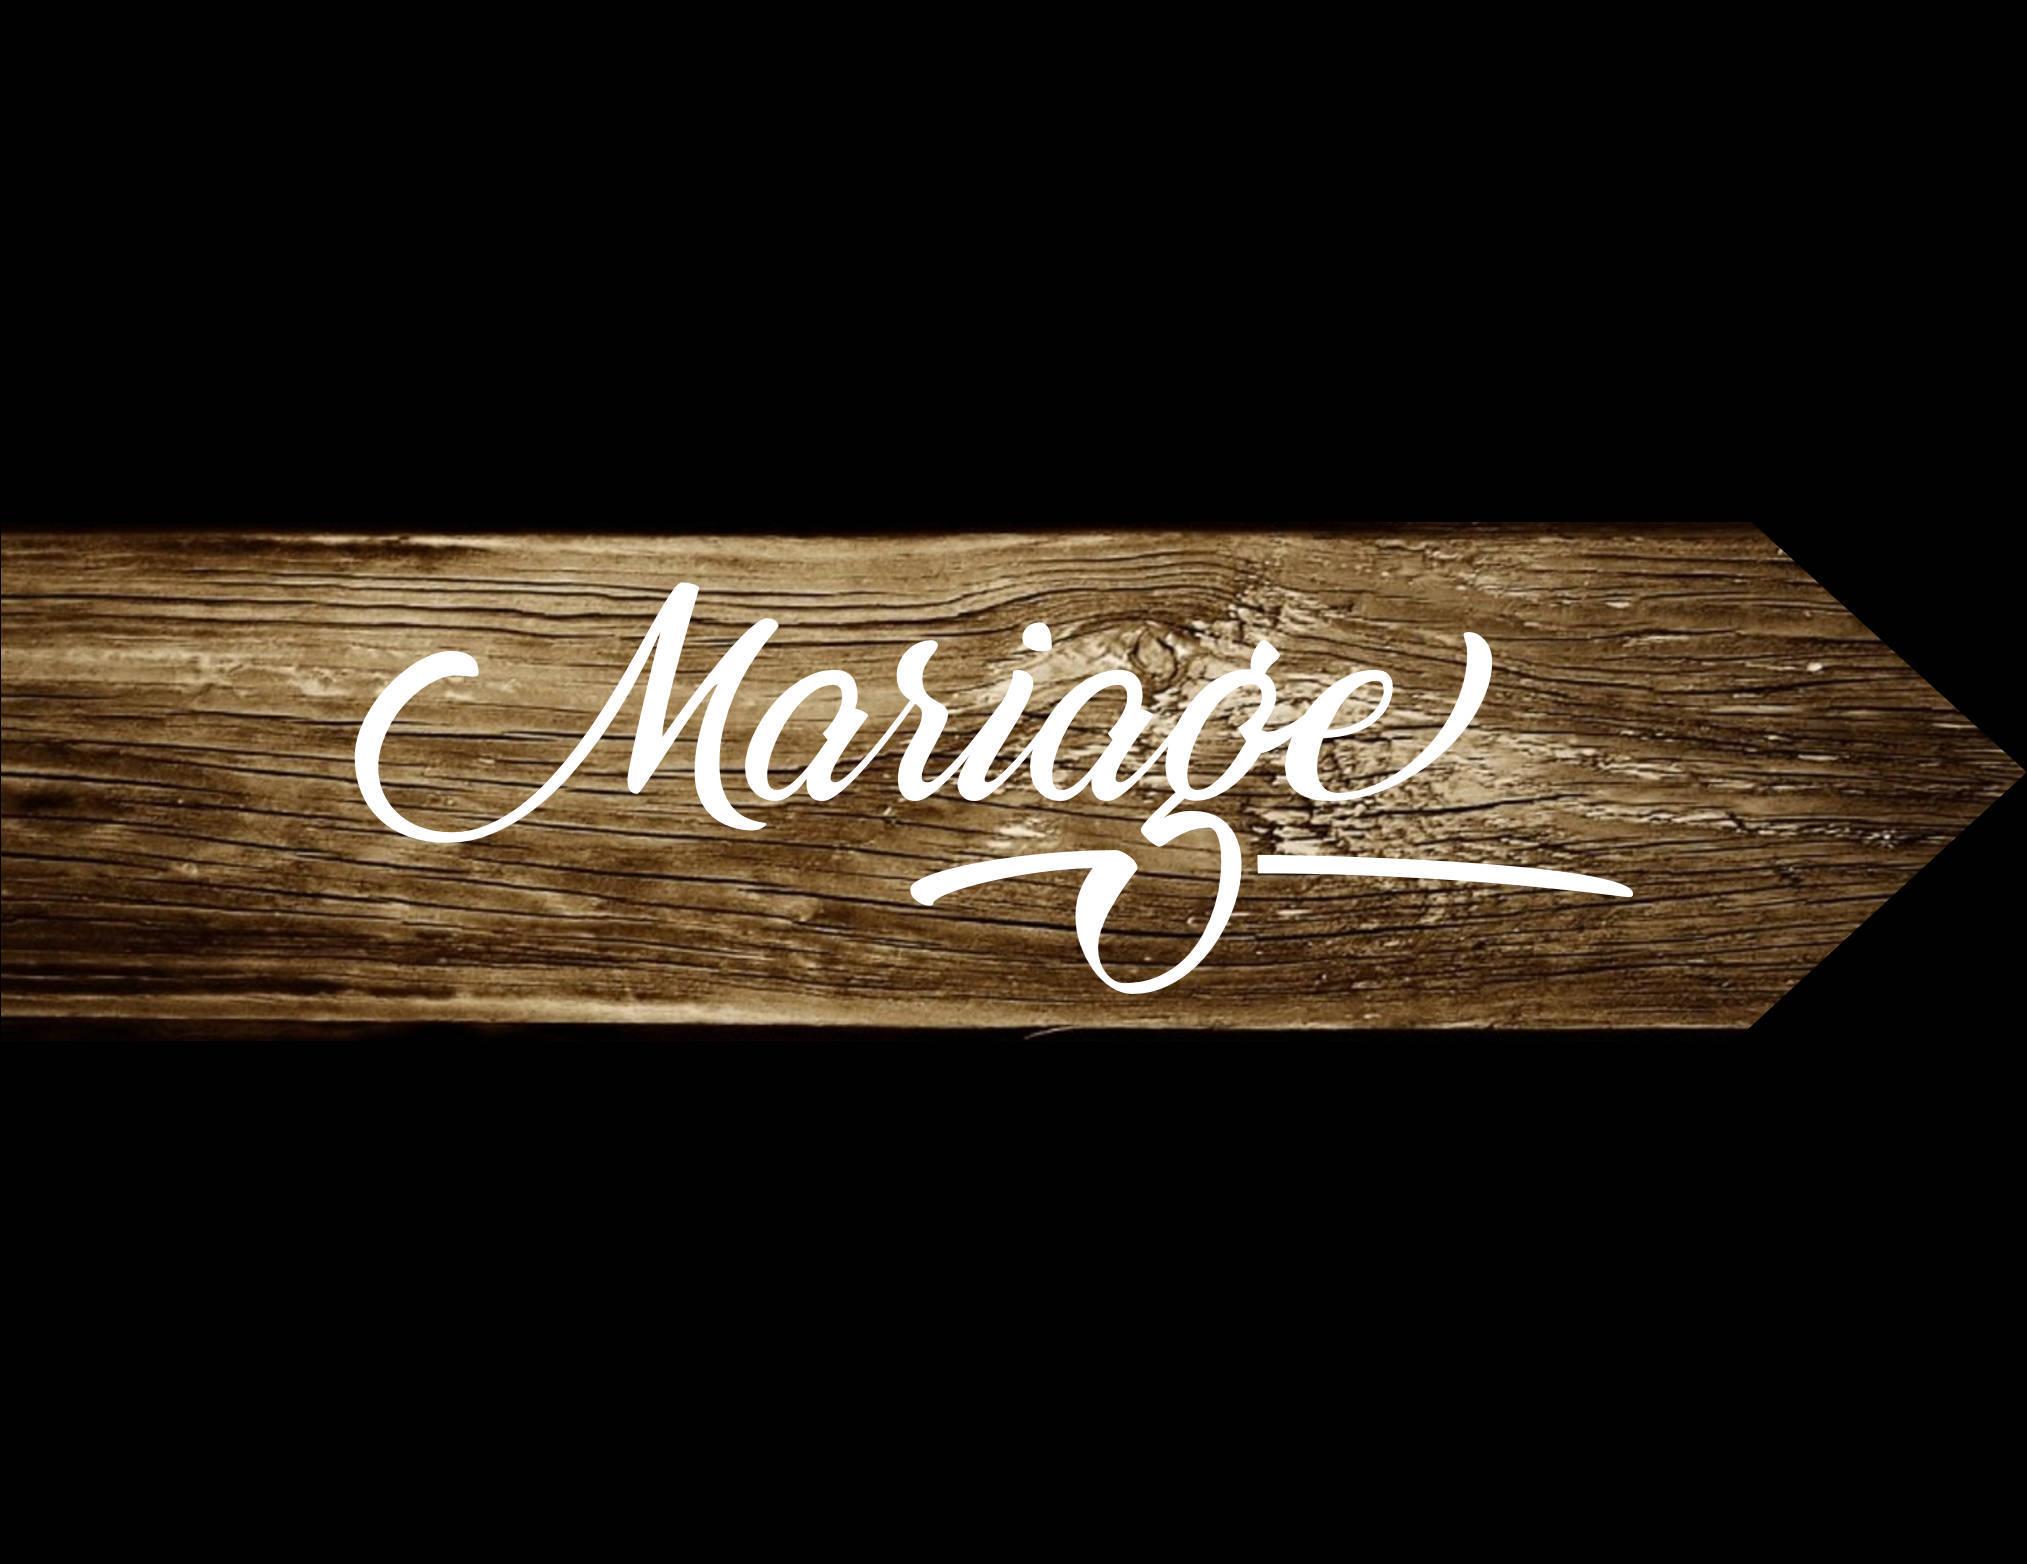 Pancarte Mariage, panneau directionnel en bois, pancarte flèche, peint à la main